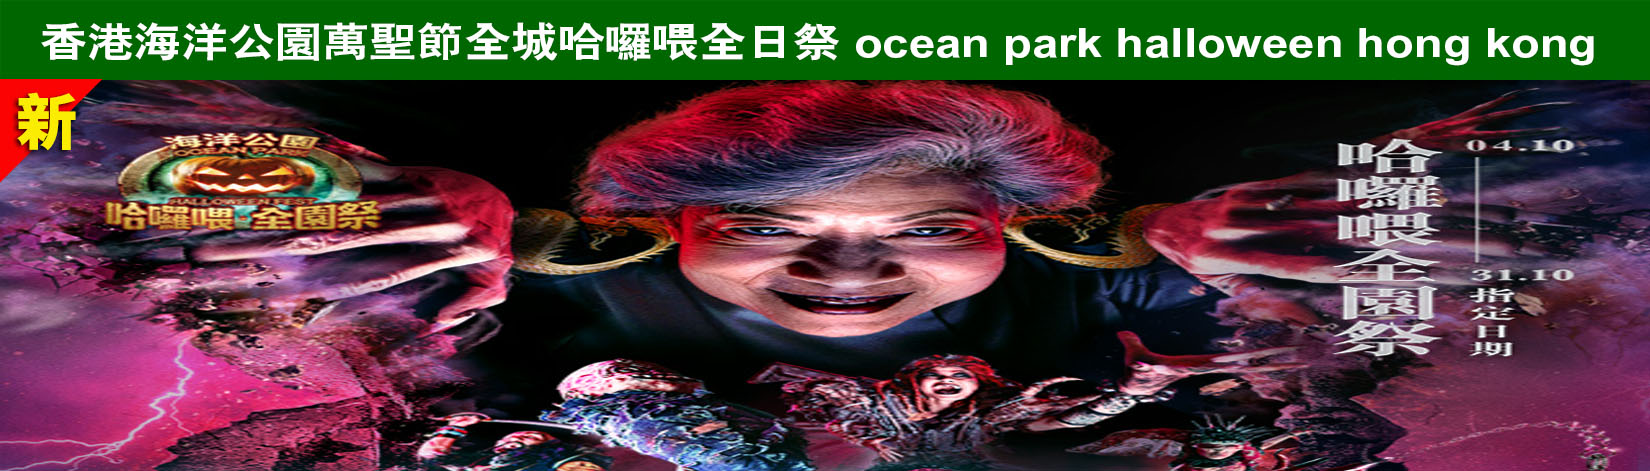 香港海洋主題公園樂園門票入場劵優惠套票ocean park hong kong package